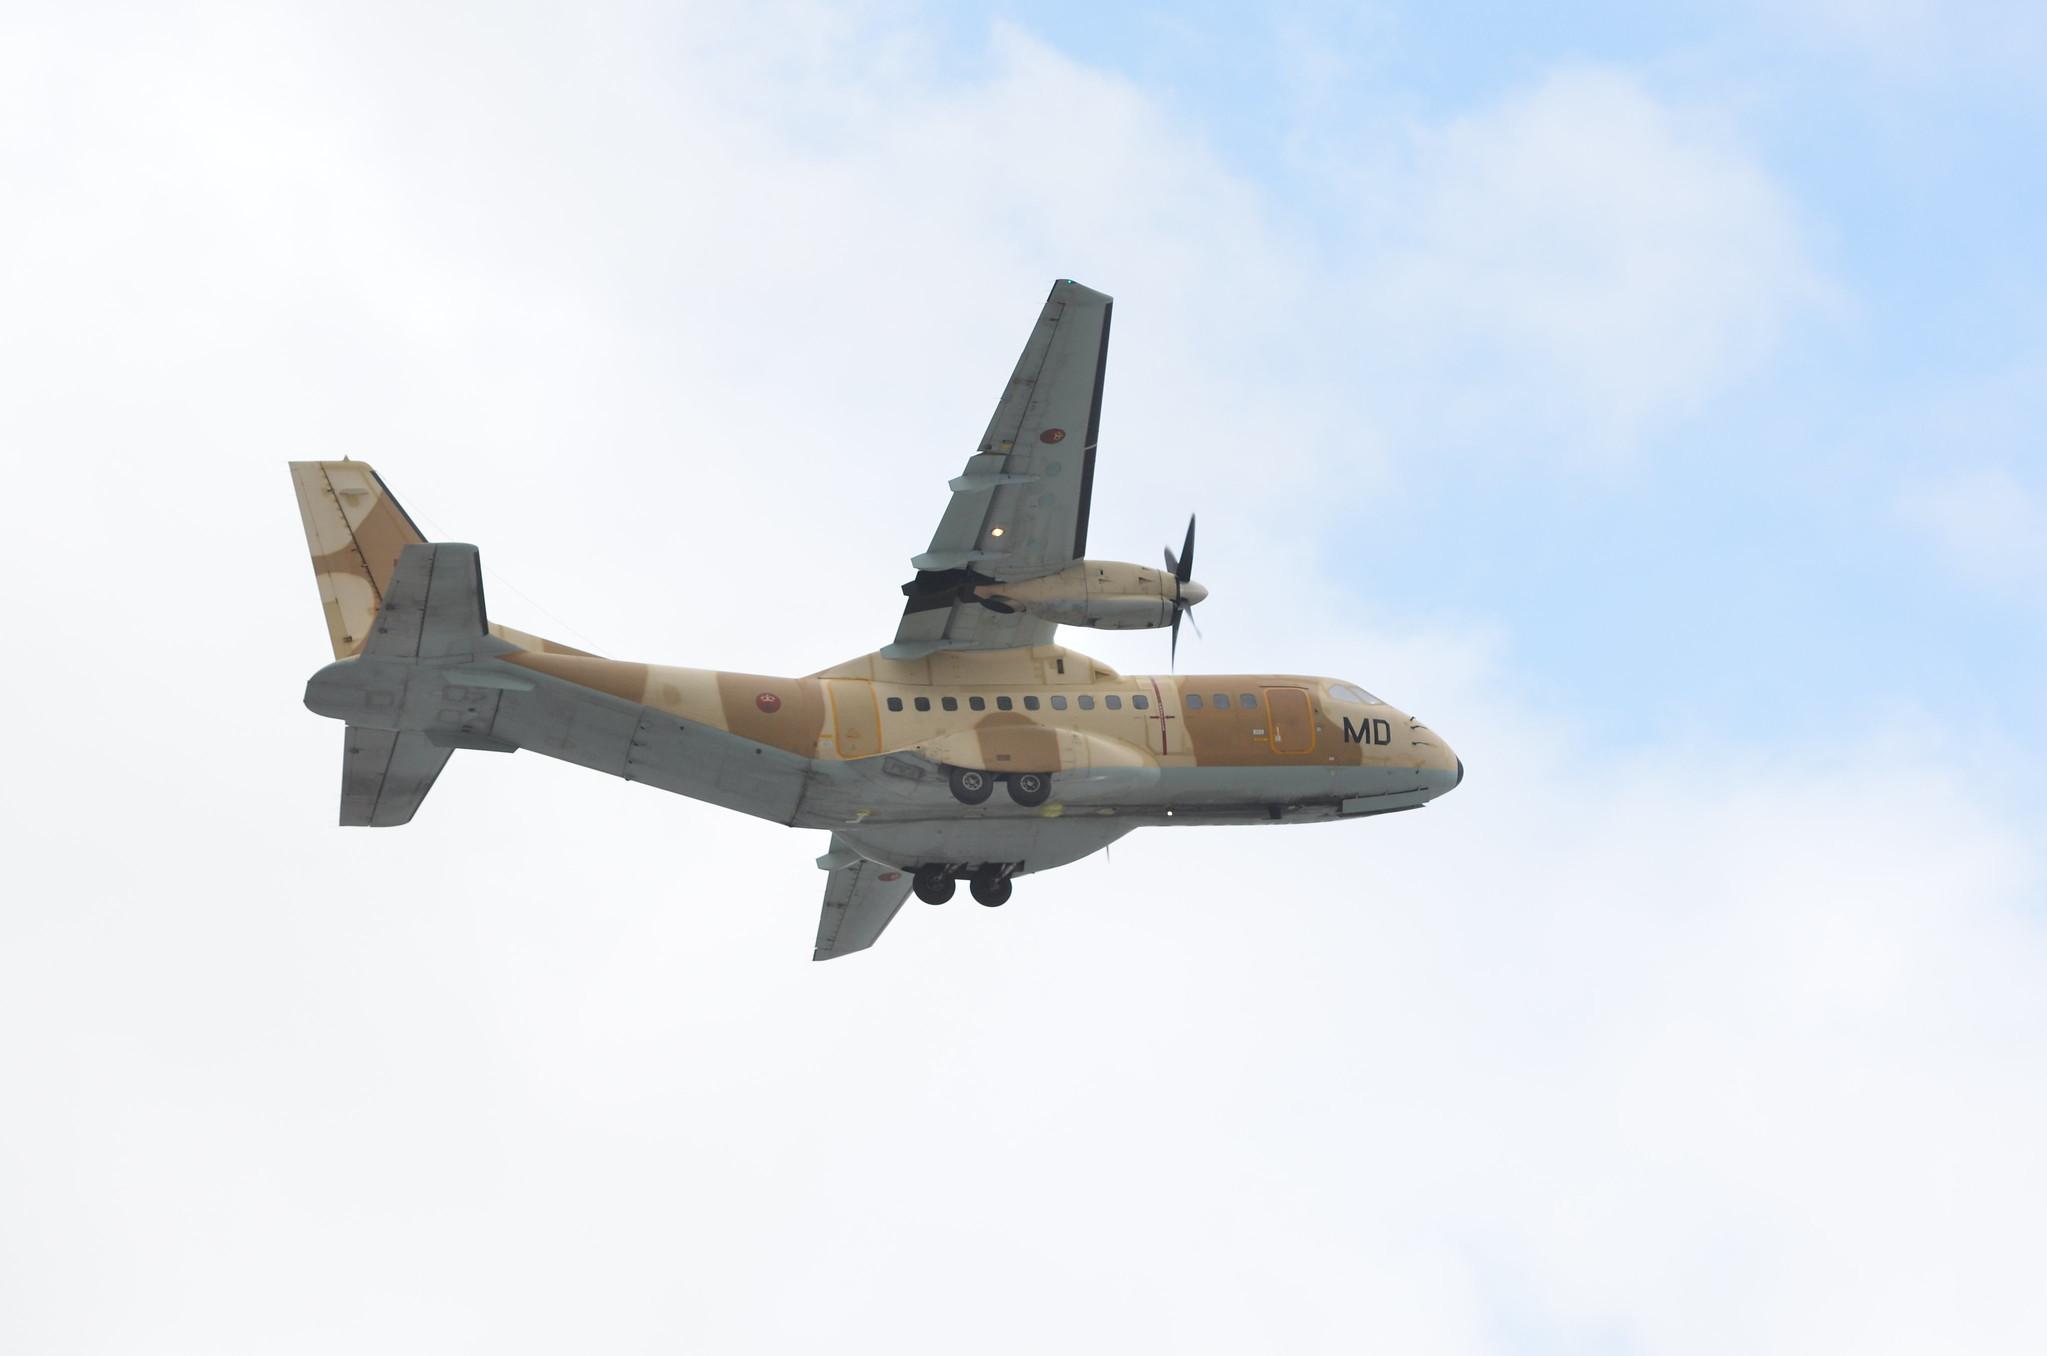 طائرات النقل العاملة بالقوات المسلحة المغربية 13060116793_1d155dbcbd_k